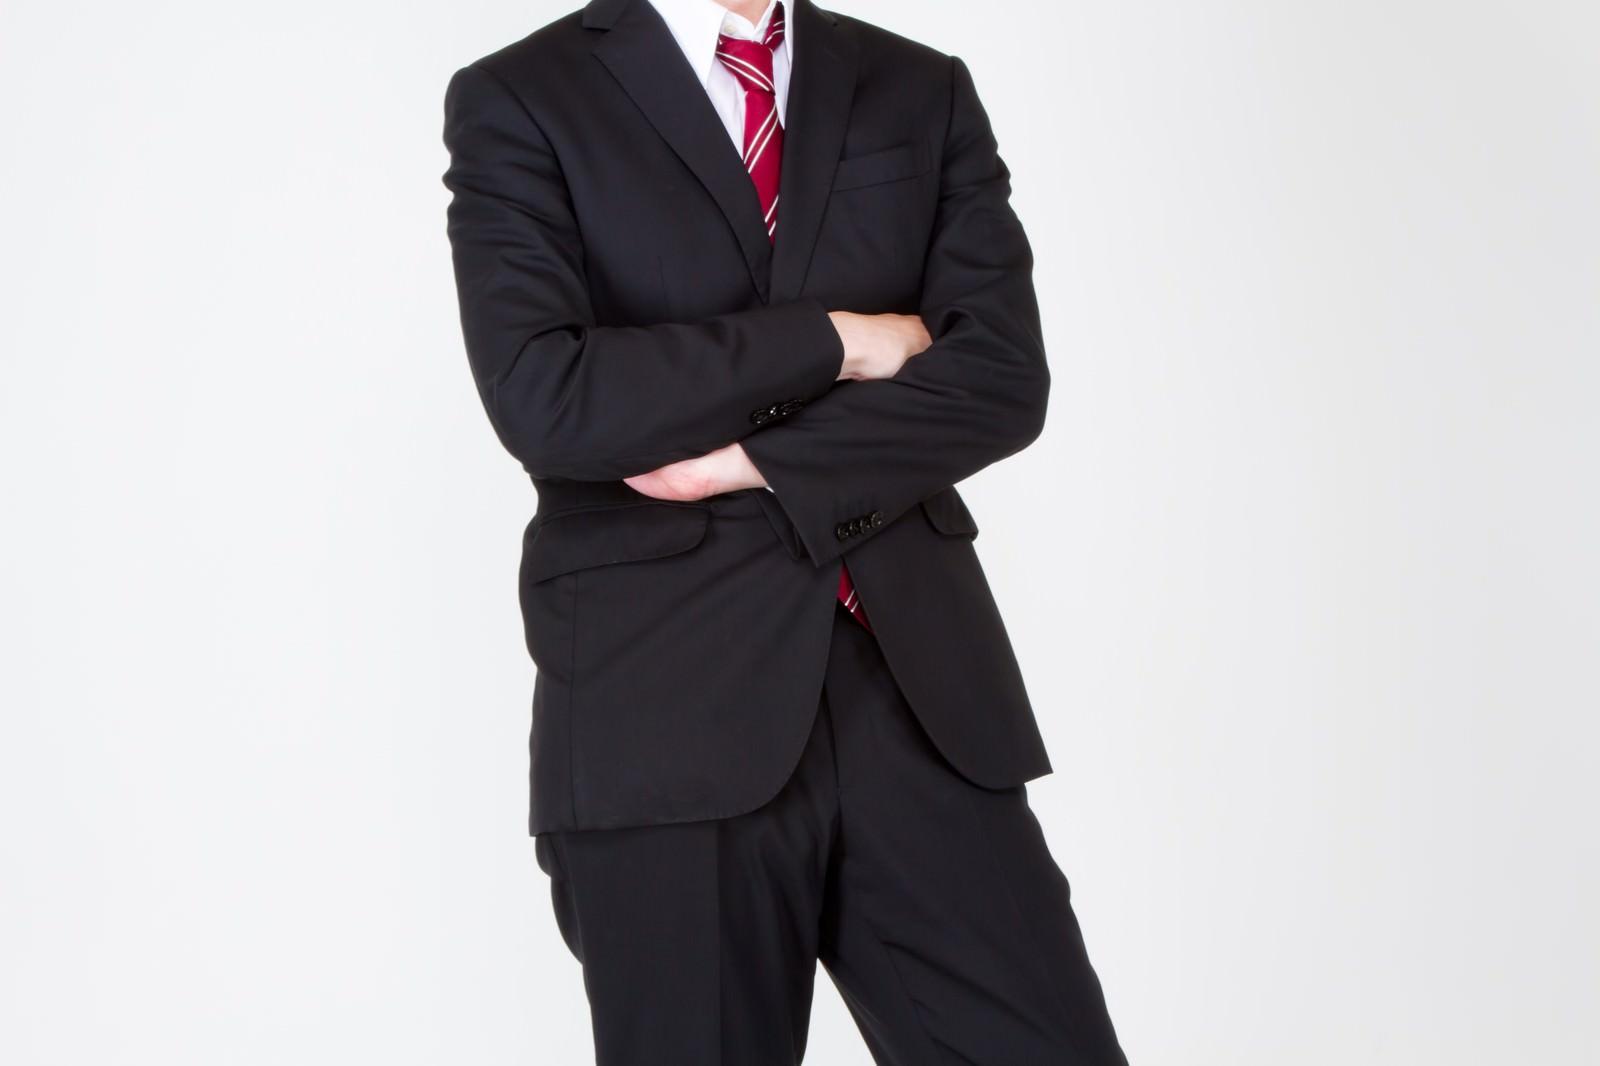 「腕を組むスーツ姿の男性腕を組むスーツ姿の男性」のフリー写真素材を拡大